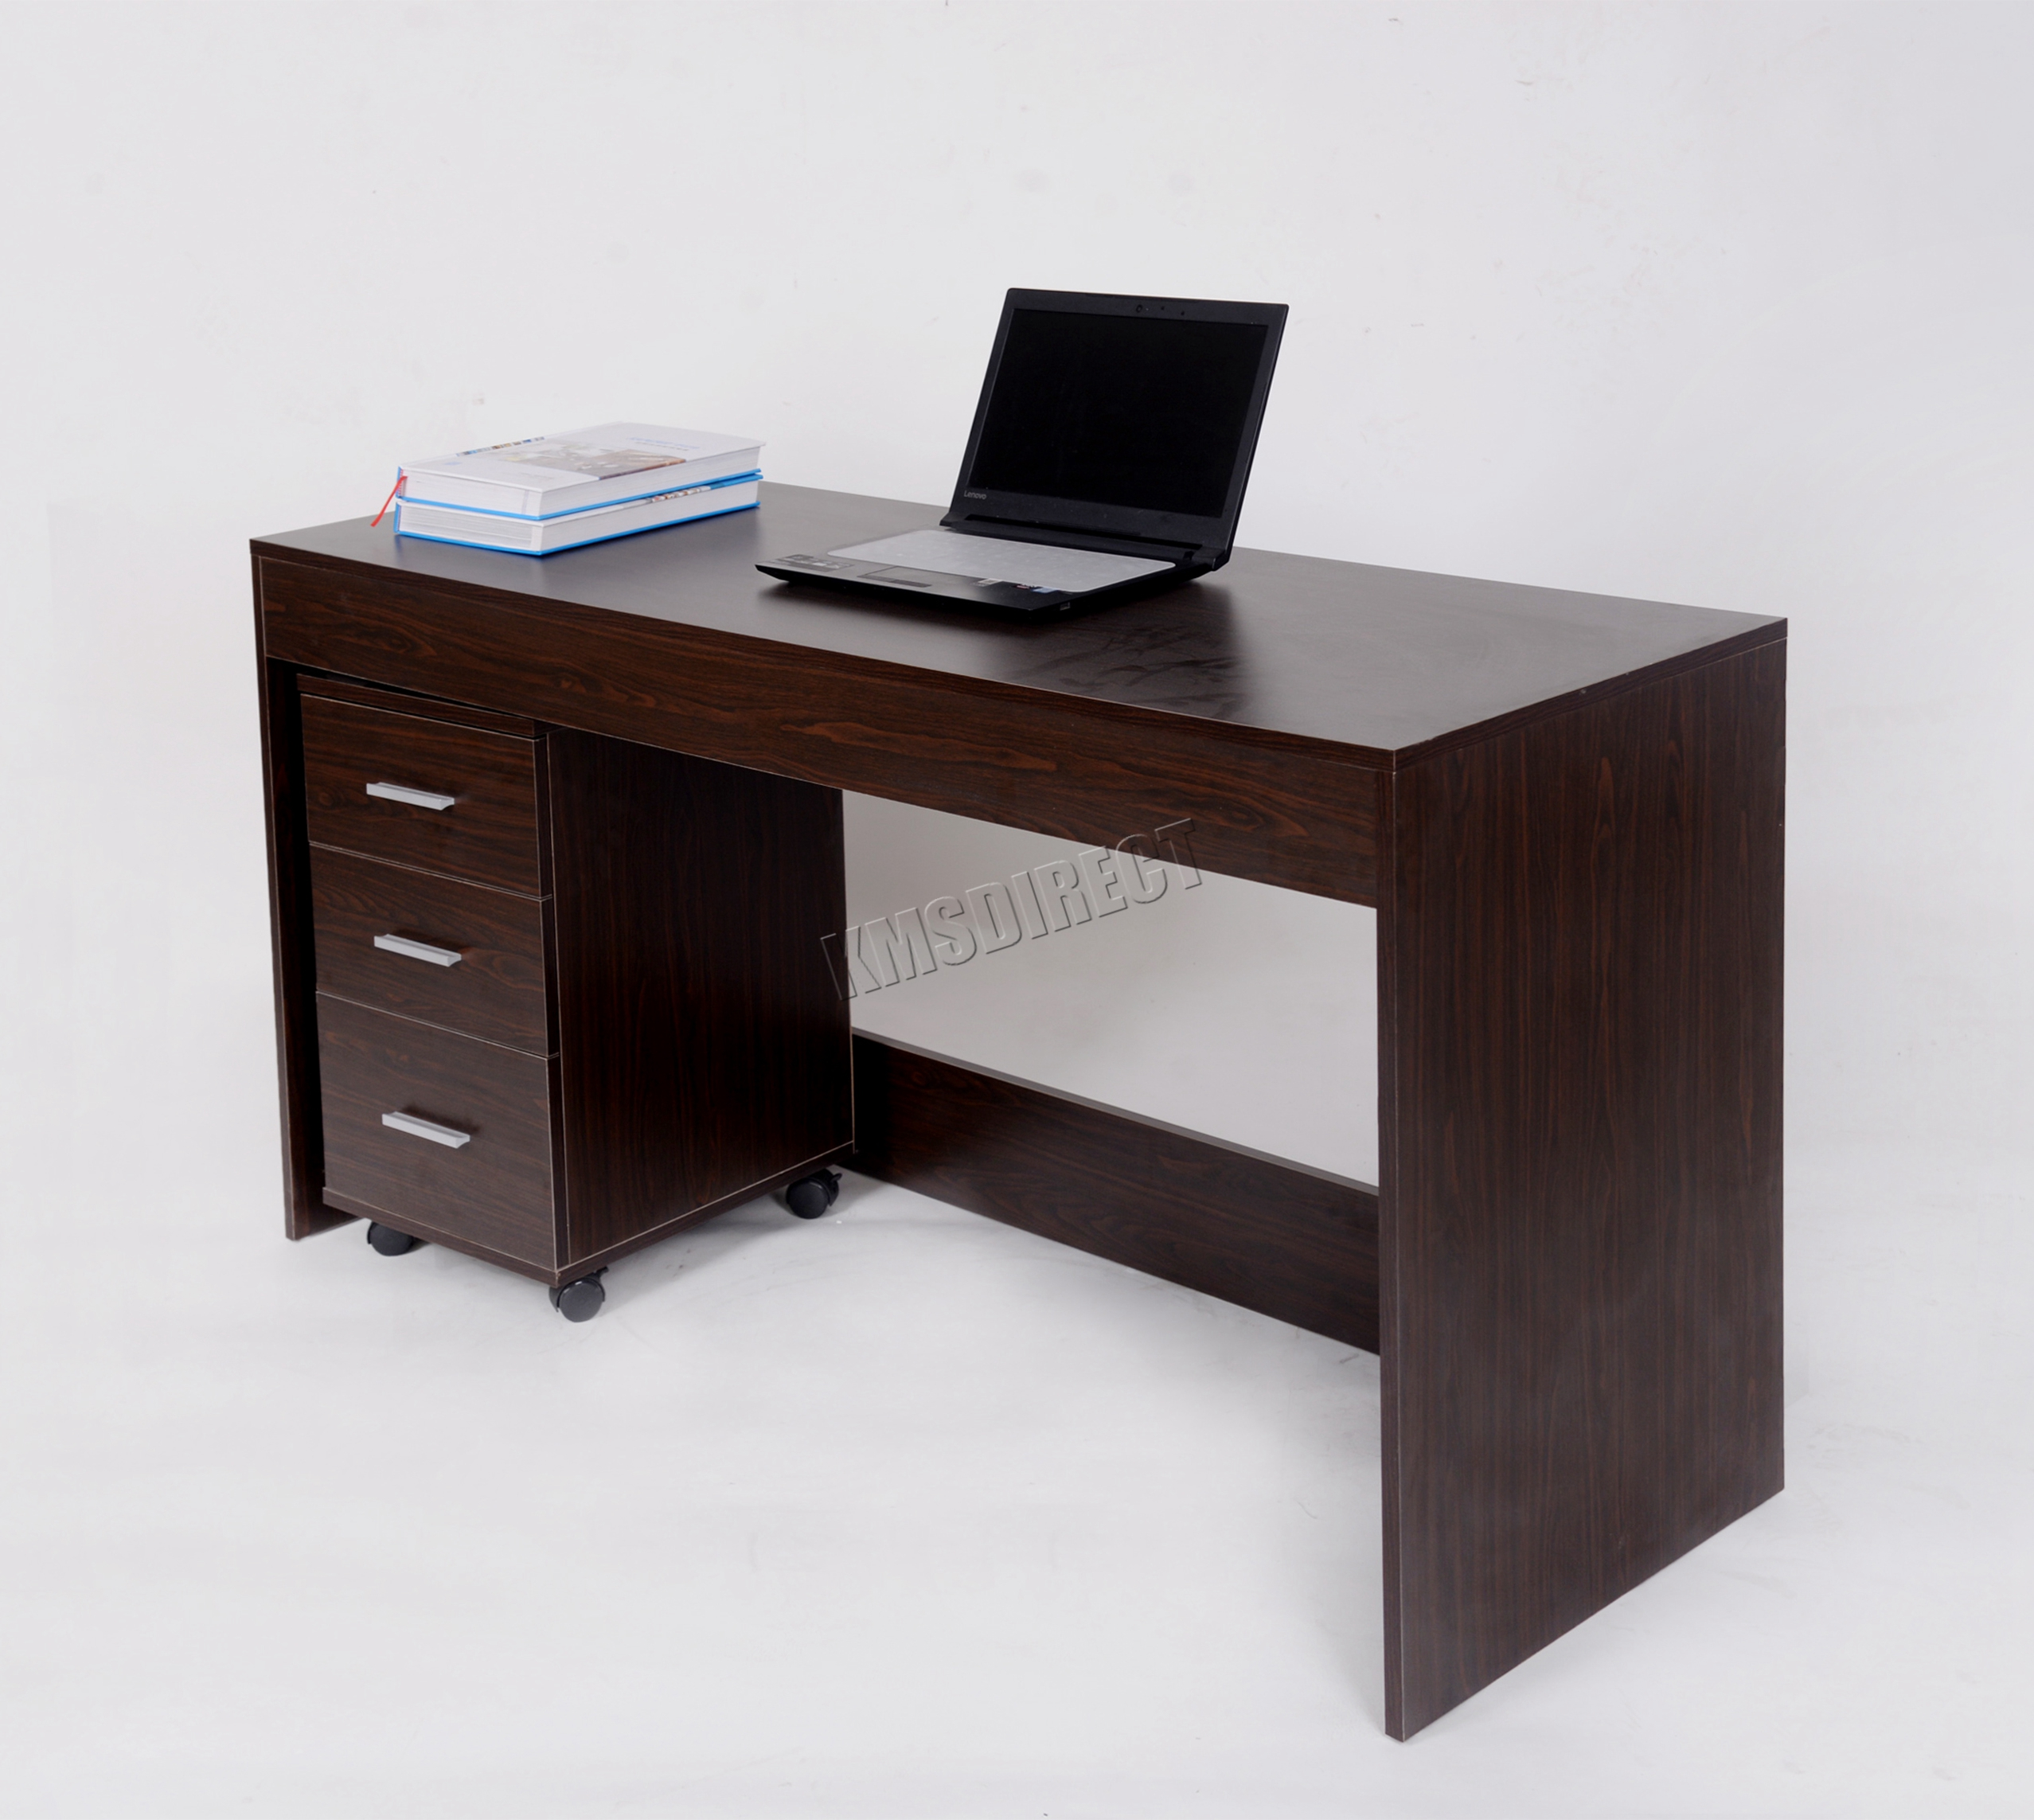 Westwood computador escritorio pc mesa con 3 cajones hogar oficina muebles ebay - Mesa escritorio con cajones ...